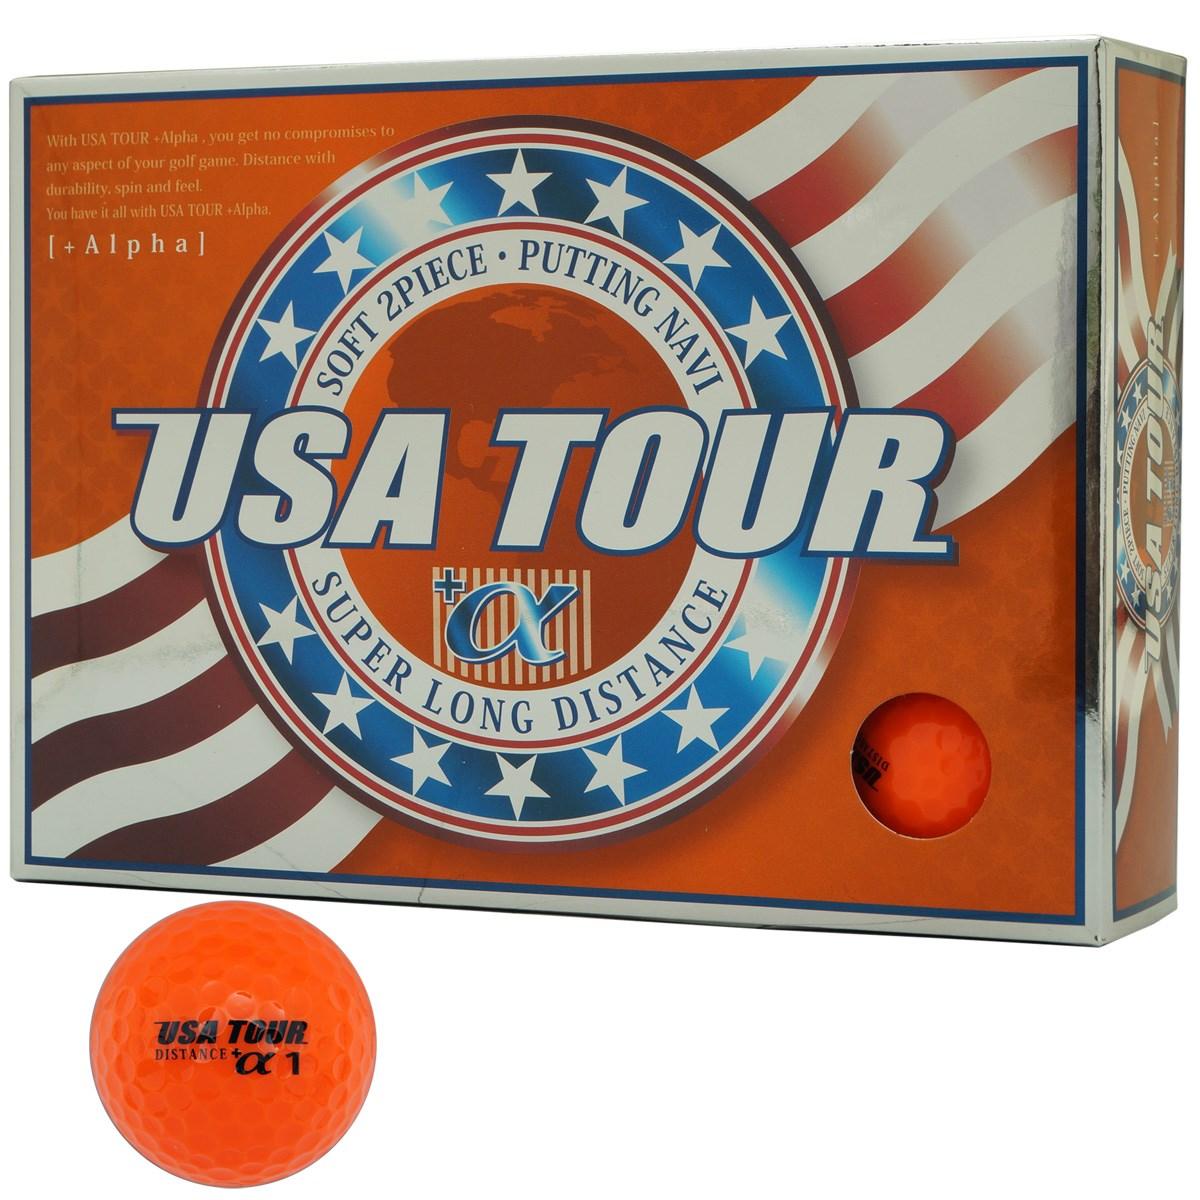 朝日ゴルフ用品 USA TOUR USA ツアーディスタンス+α カラーボール 1ダース(12個入り) オレンジ